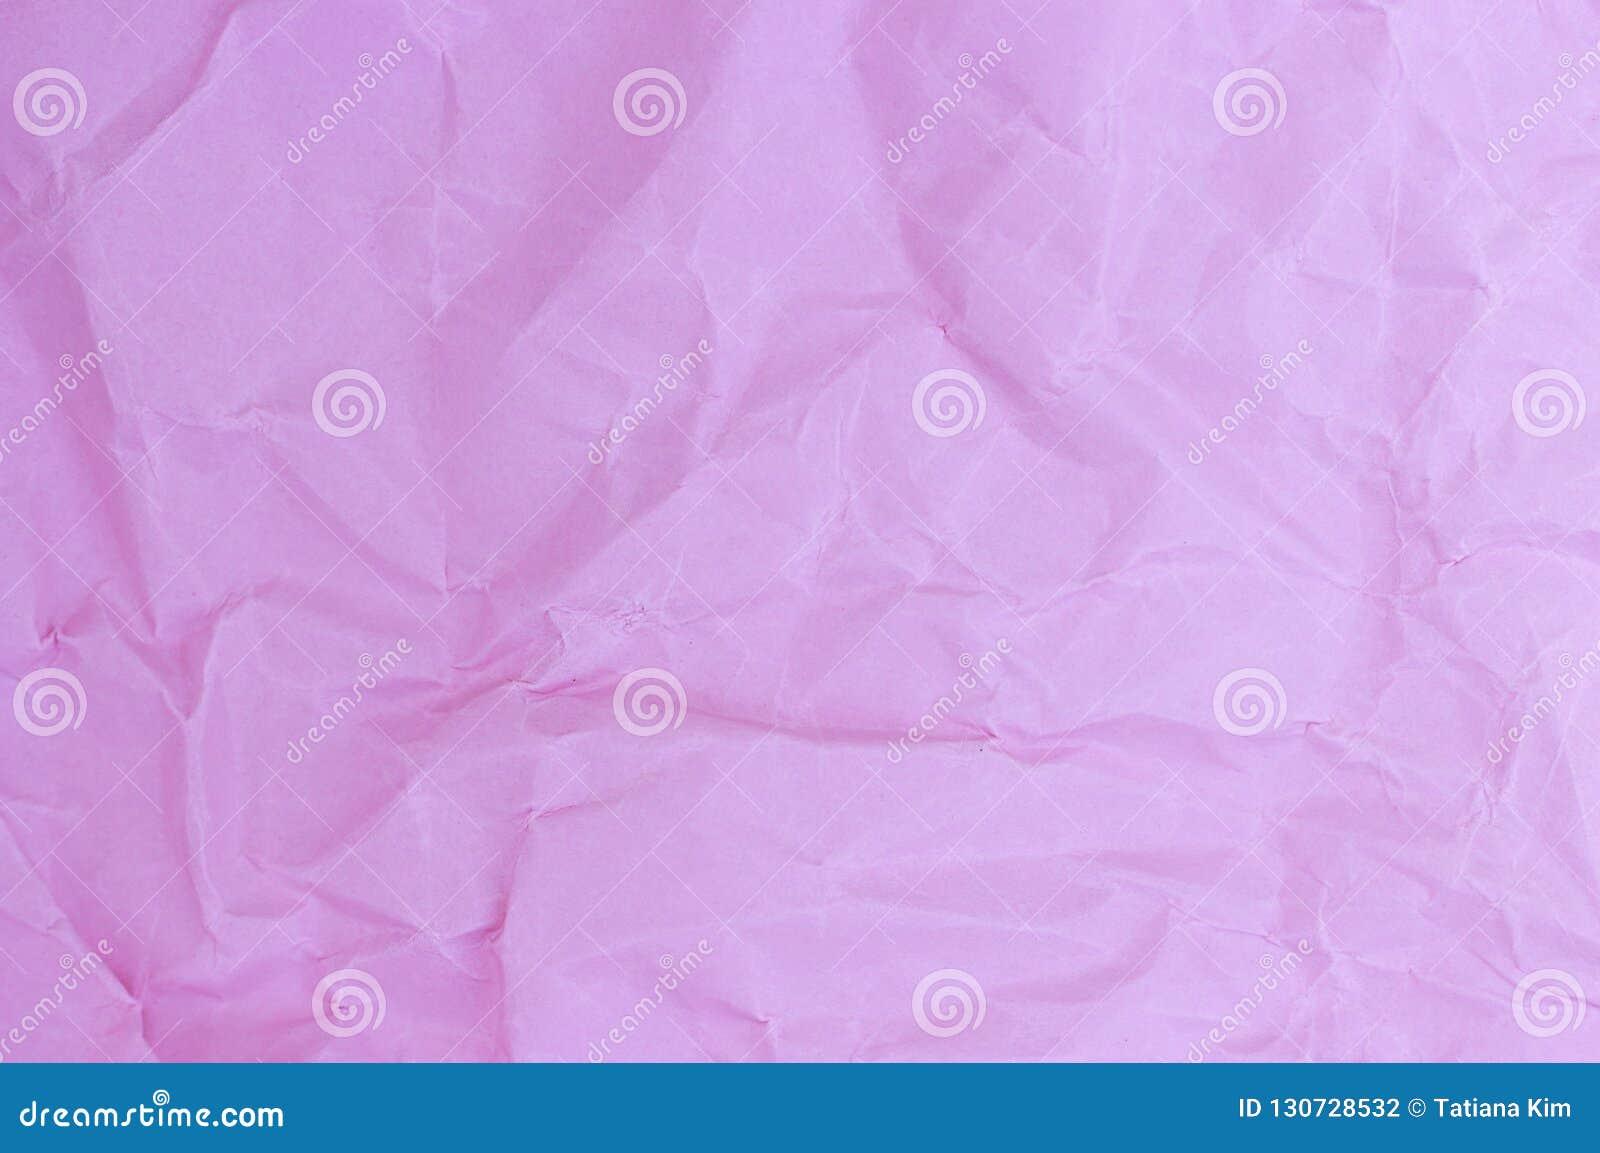 Texturas De Colores Pastel: Colores En Colores Pastel Rosados Del Papel Arrugado